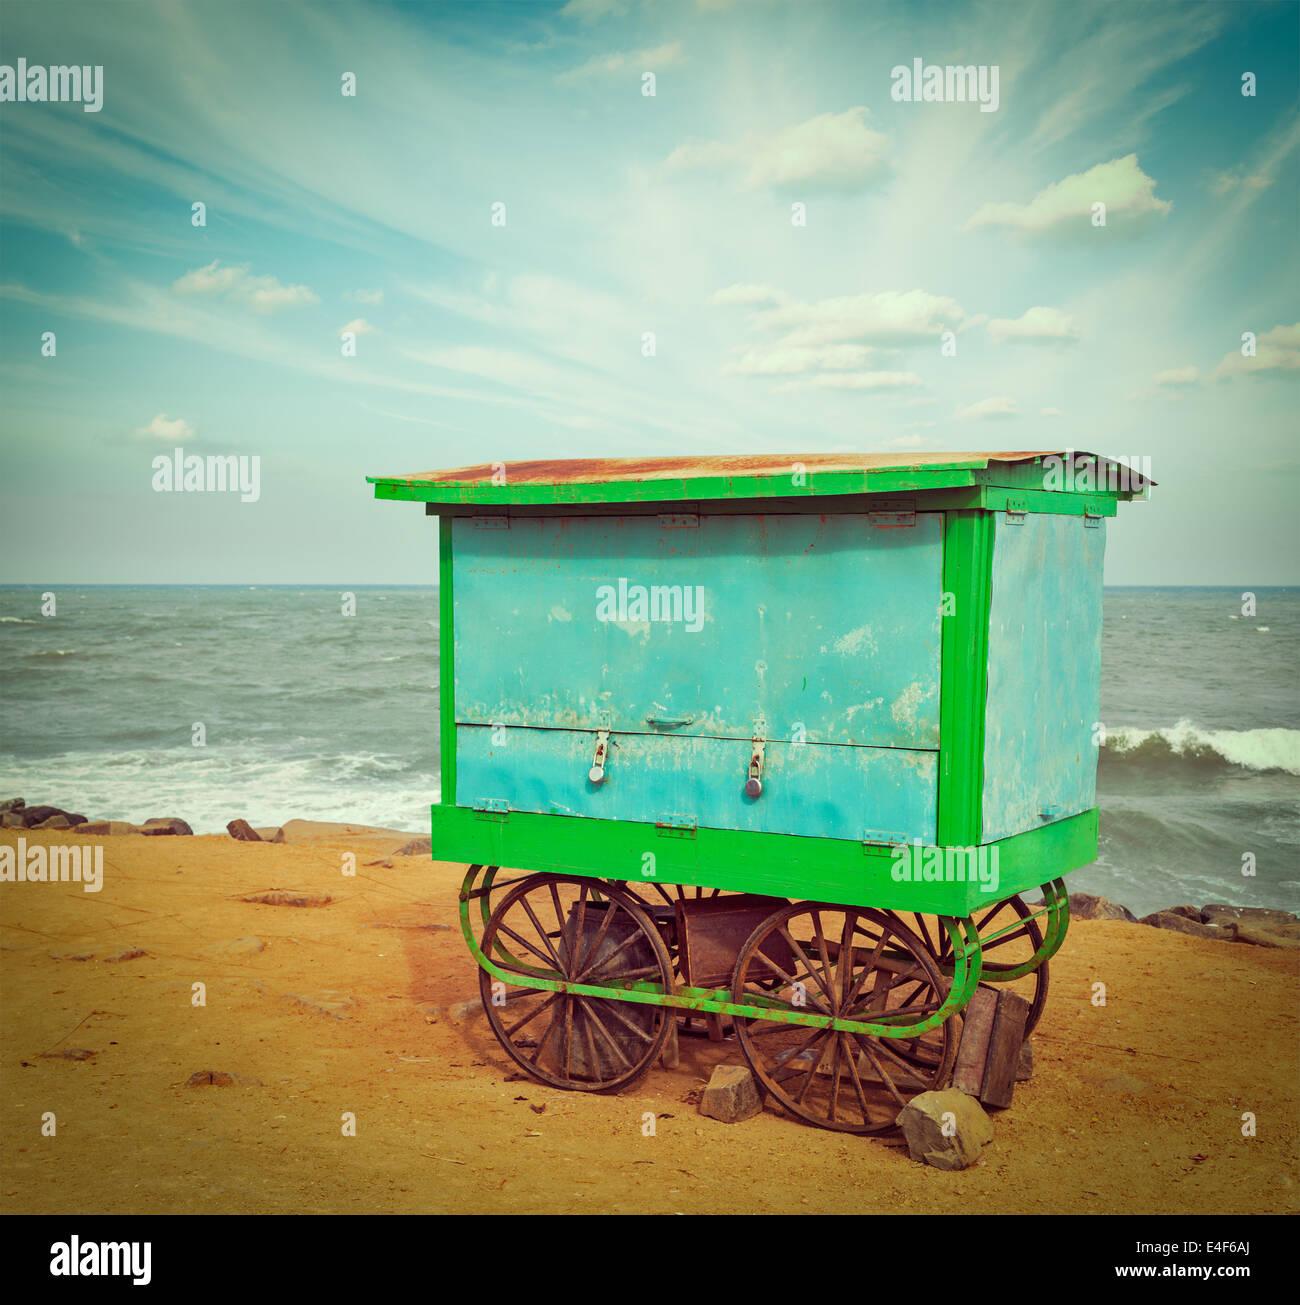 Vintage Retro estilo HIPSTER imagen Desplazamiento del carro en la playa. Tamil Nadu, India Imagen De Stock